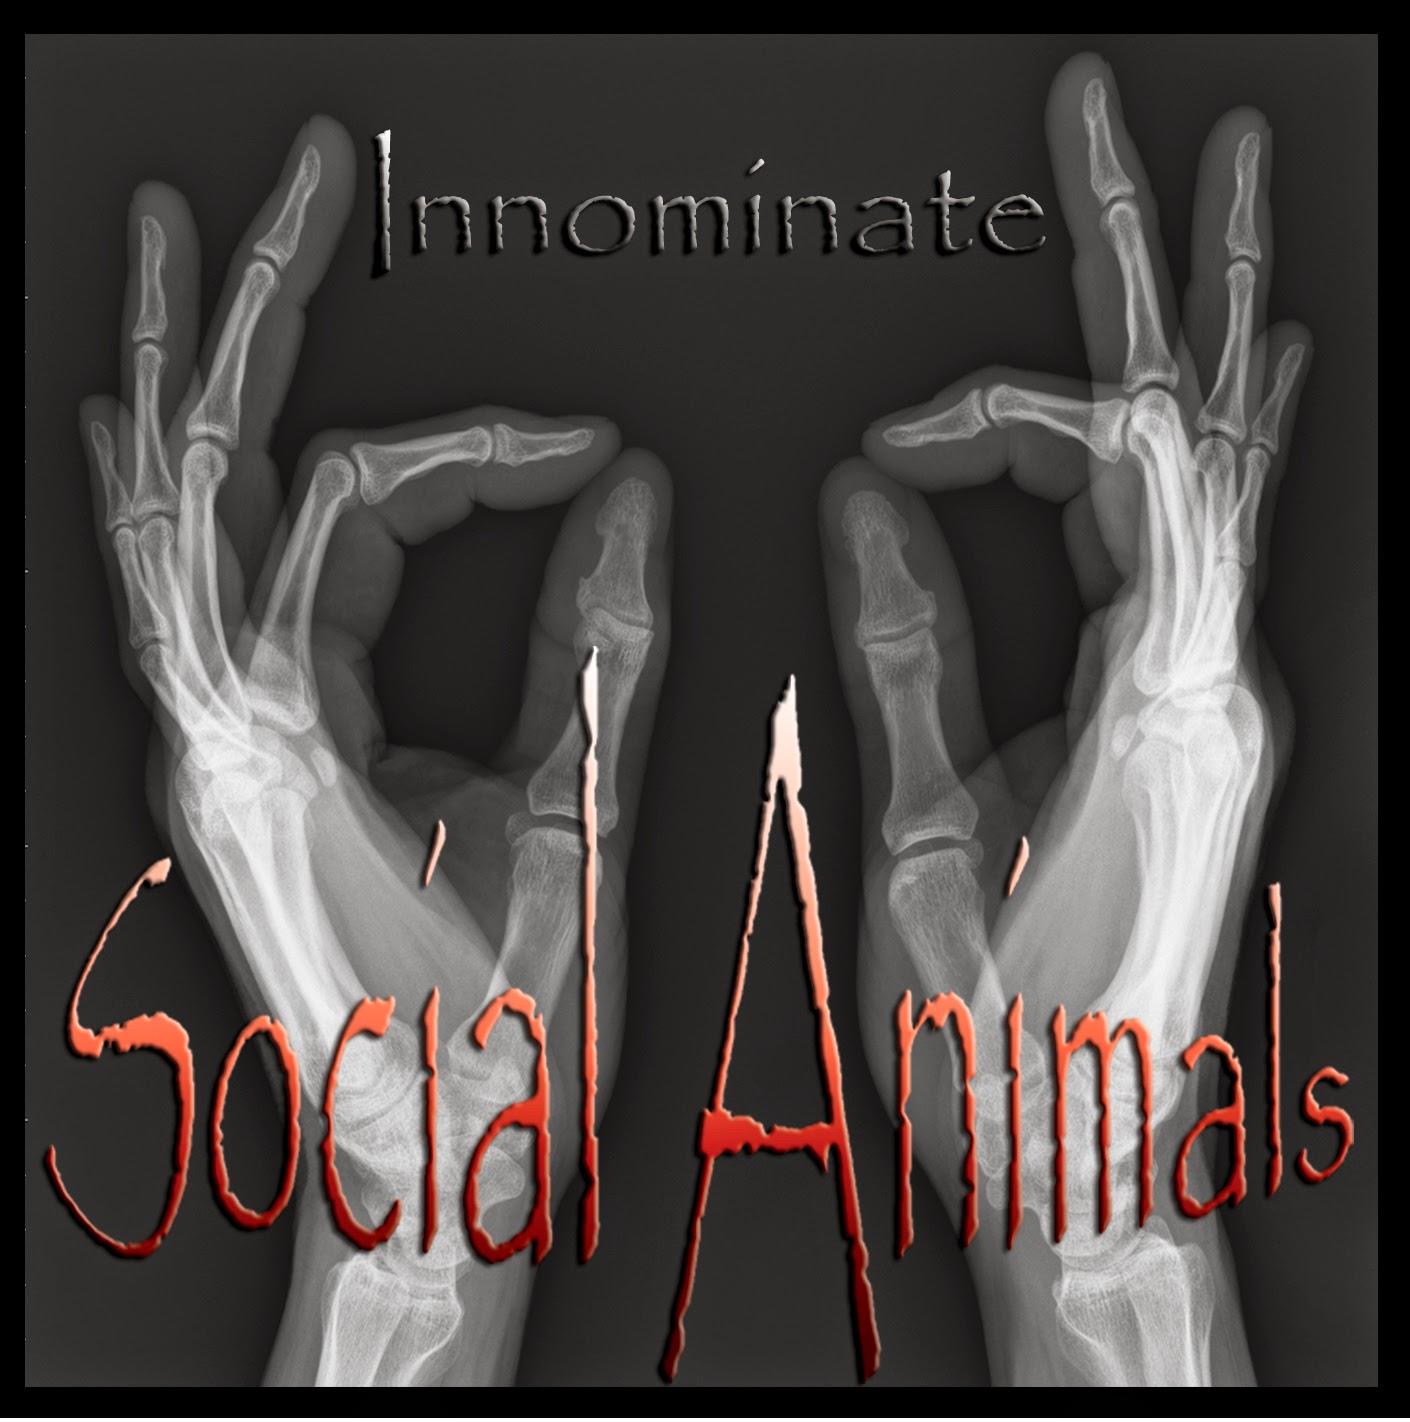 http://socialanimals.ca/socialanimals_003.htm